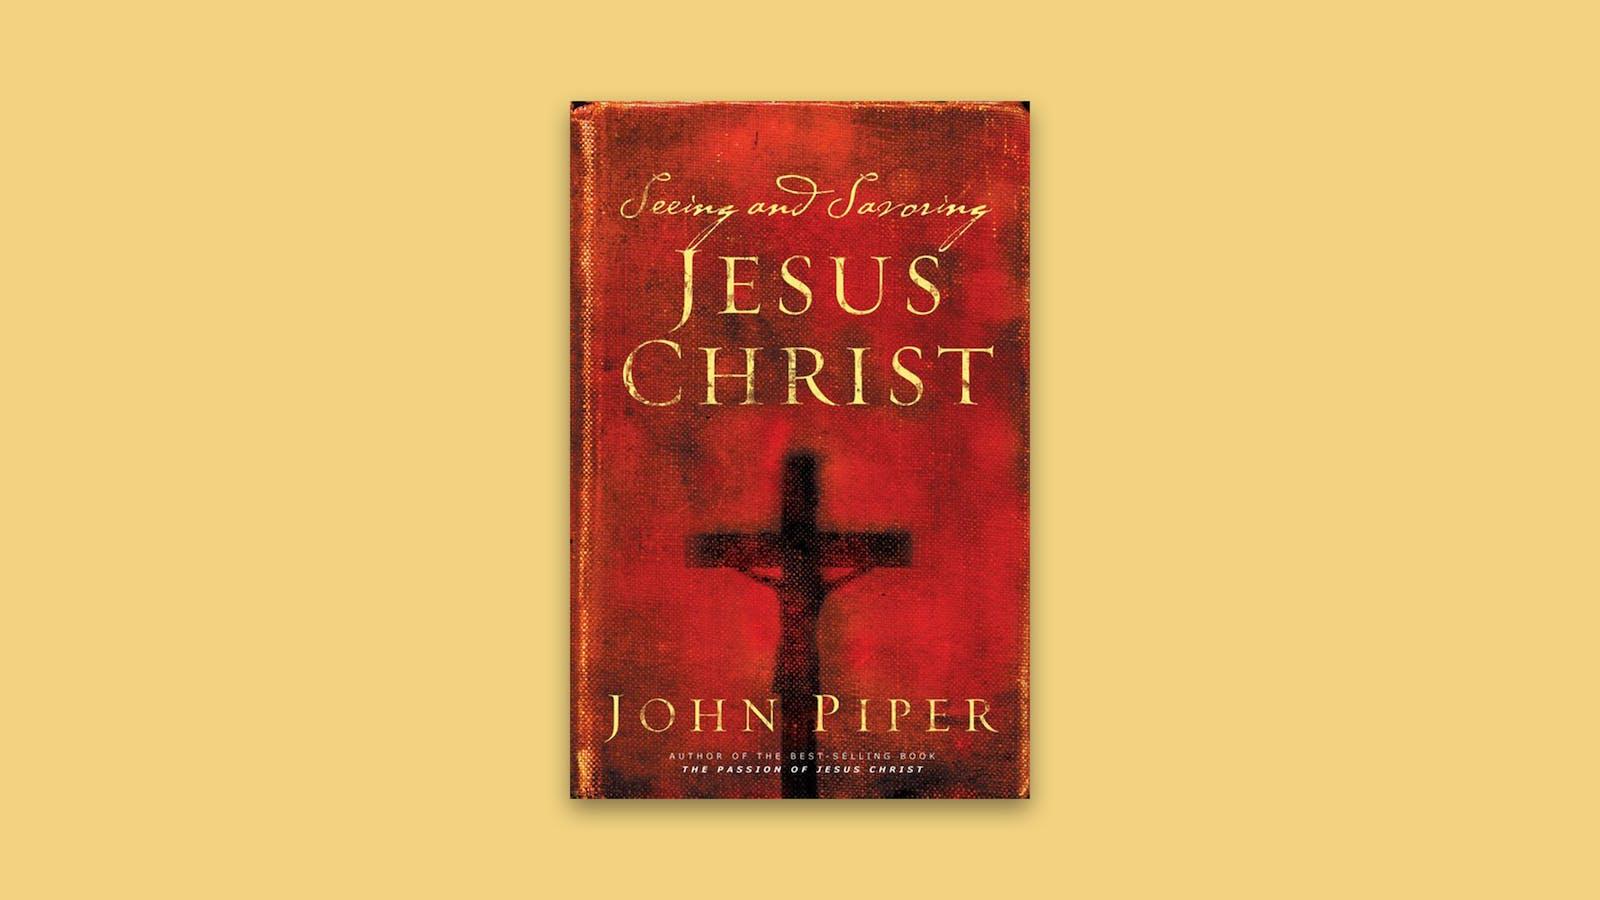 Seeing and Savoring Jesus Christ   Desiring God